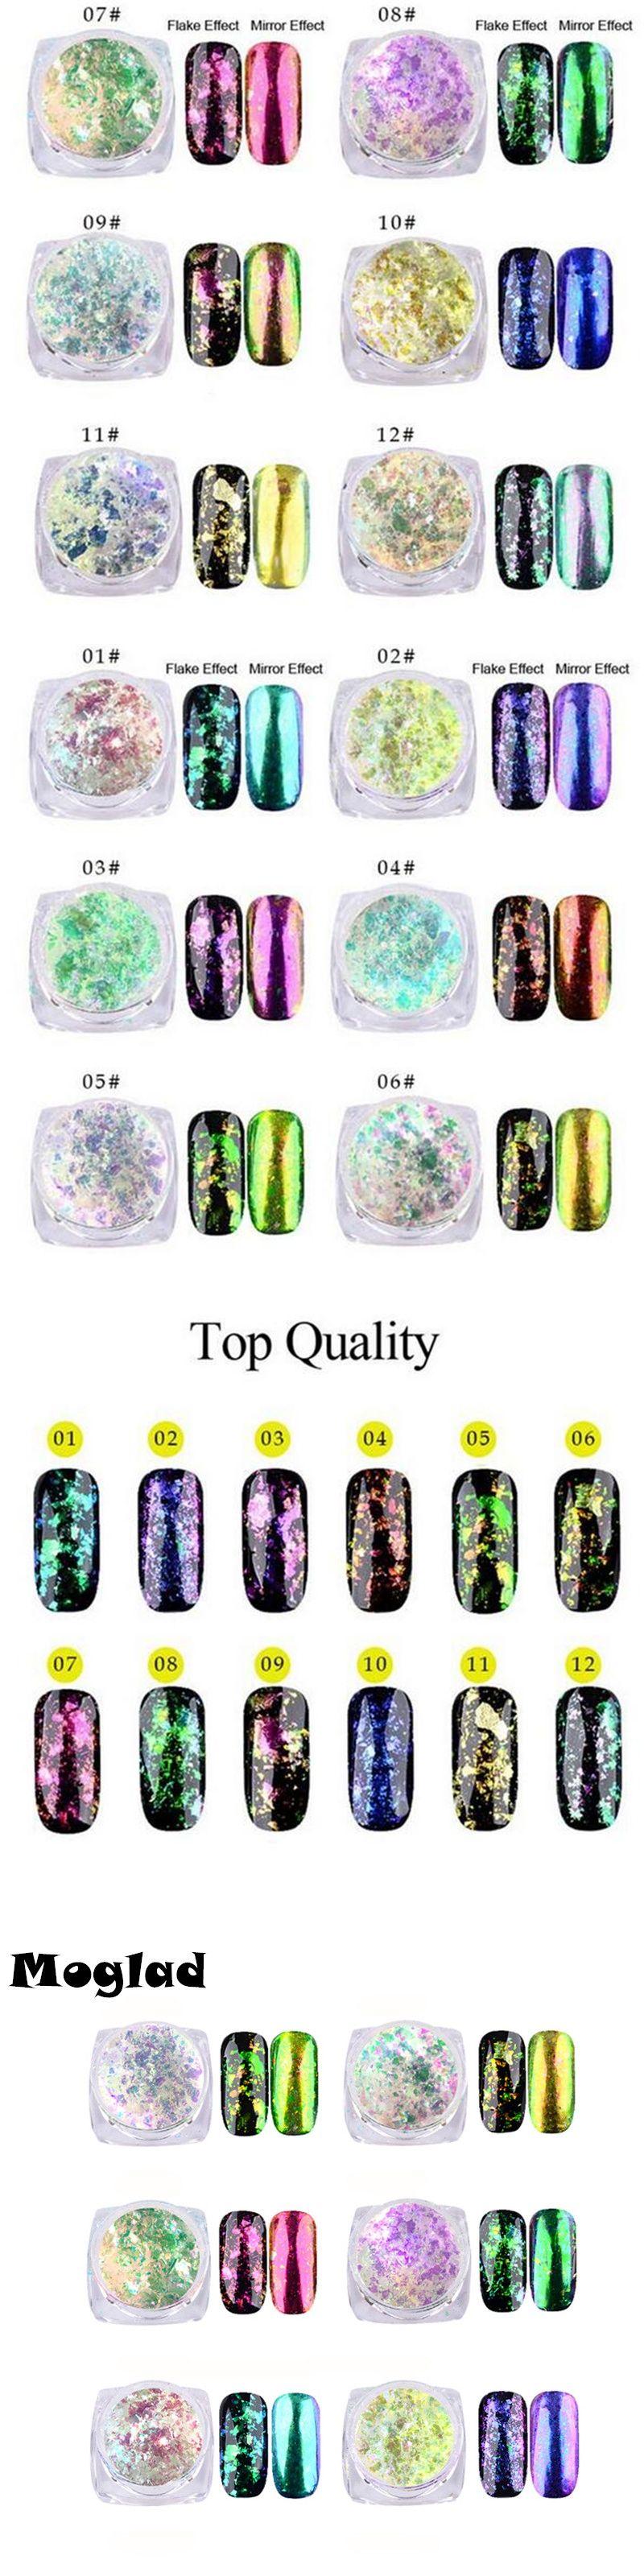 Moglad 1 box Chameleon Colorful glitter Powder Nail Glitter Polish ...